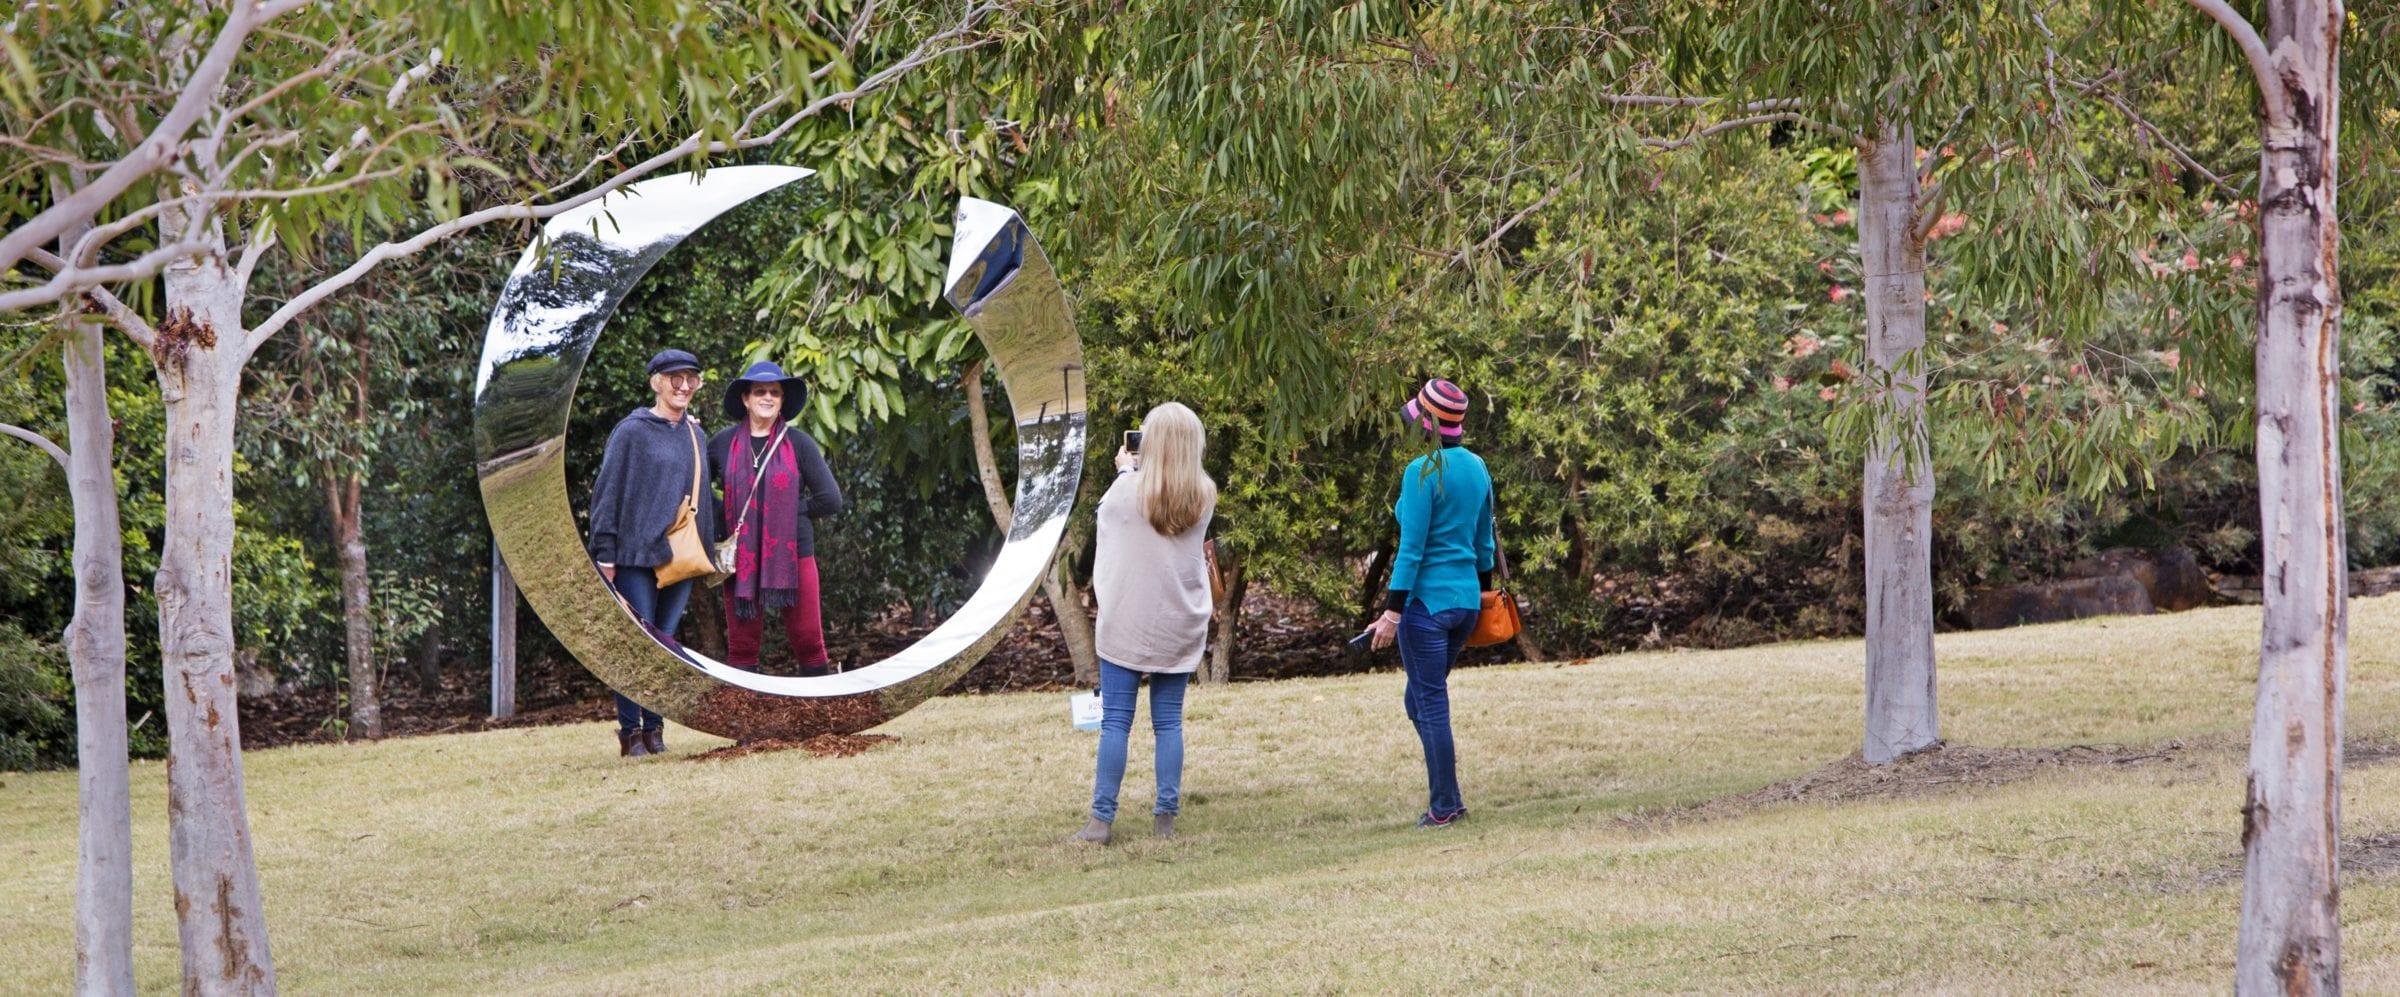 Patrons enjoying sculpture